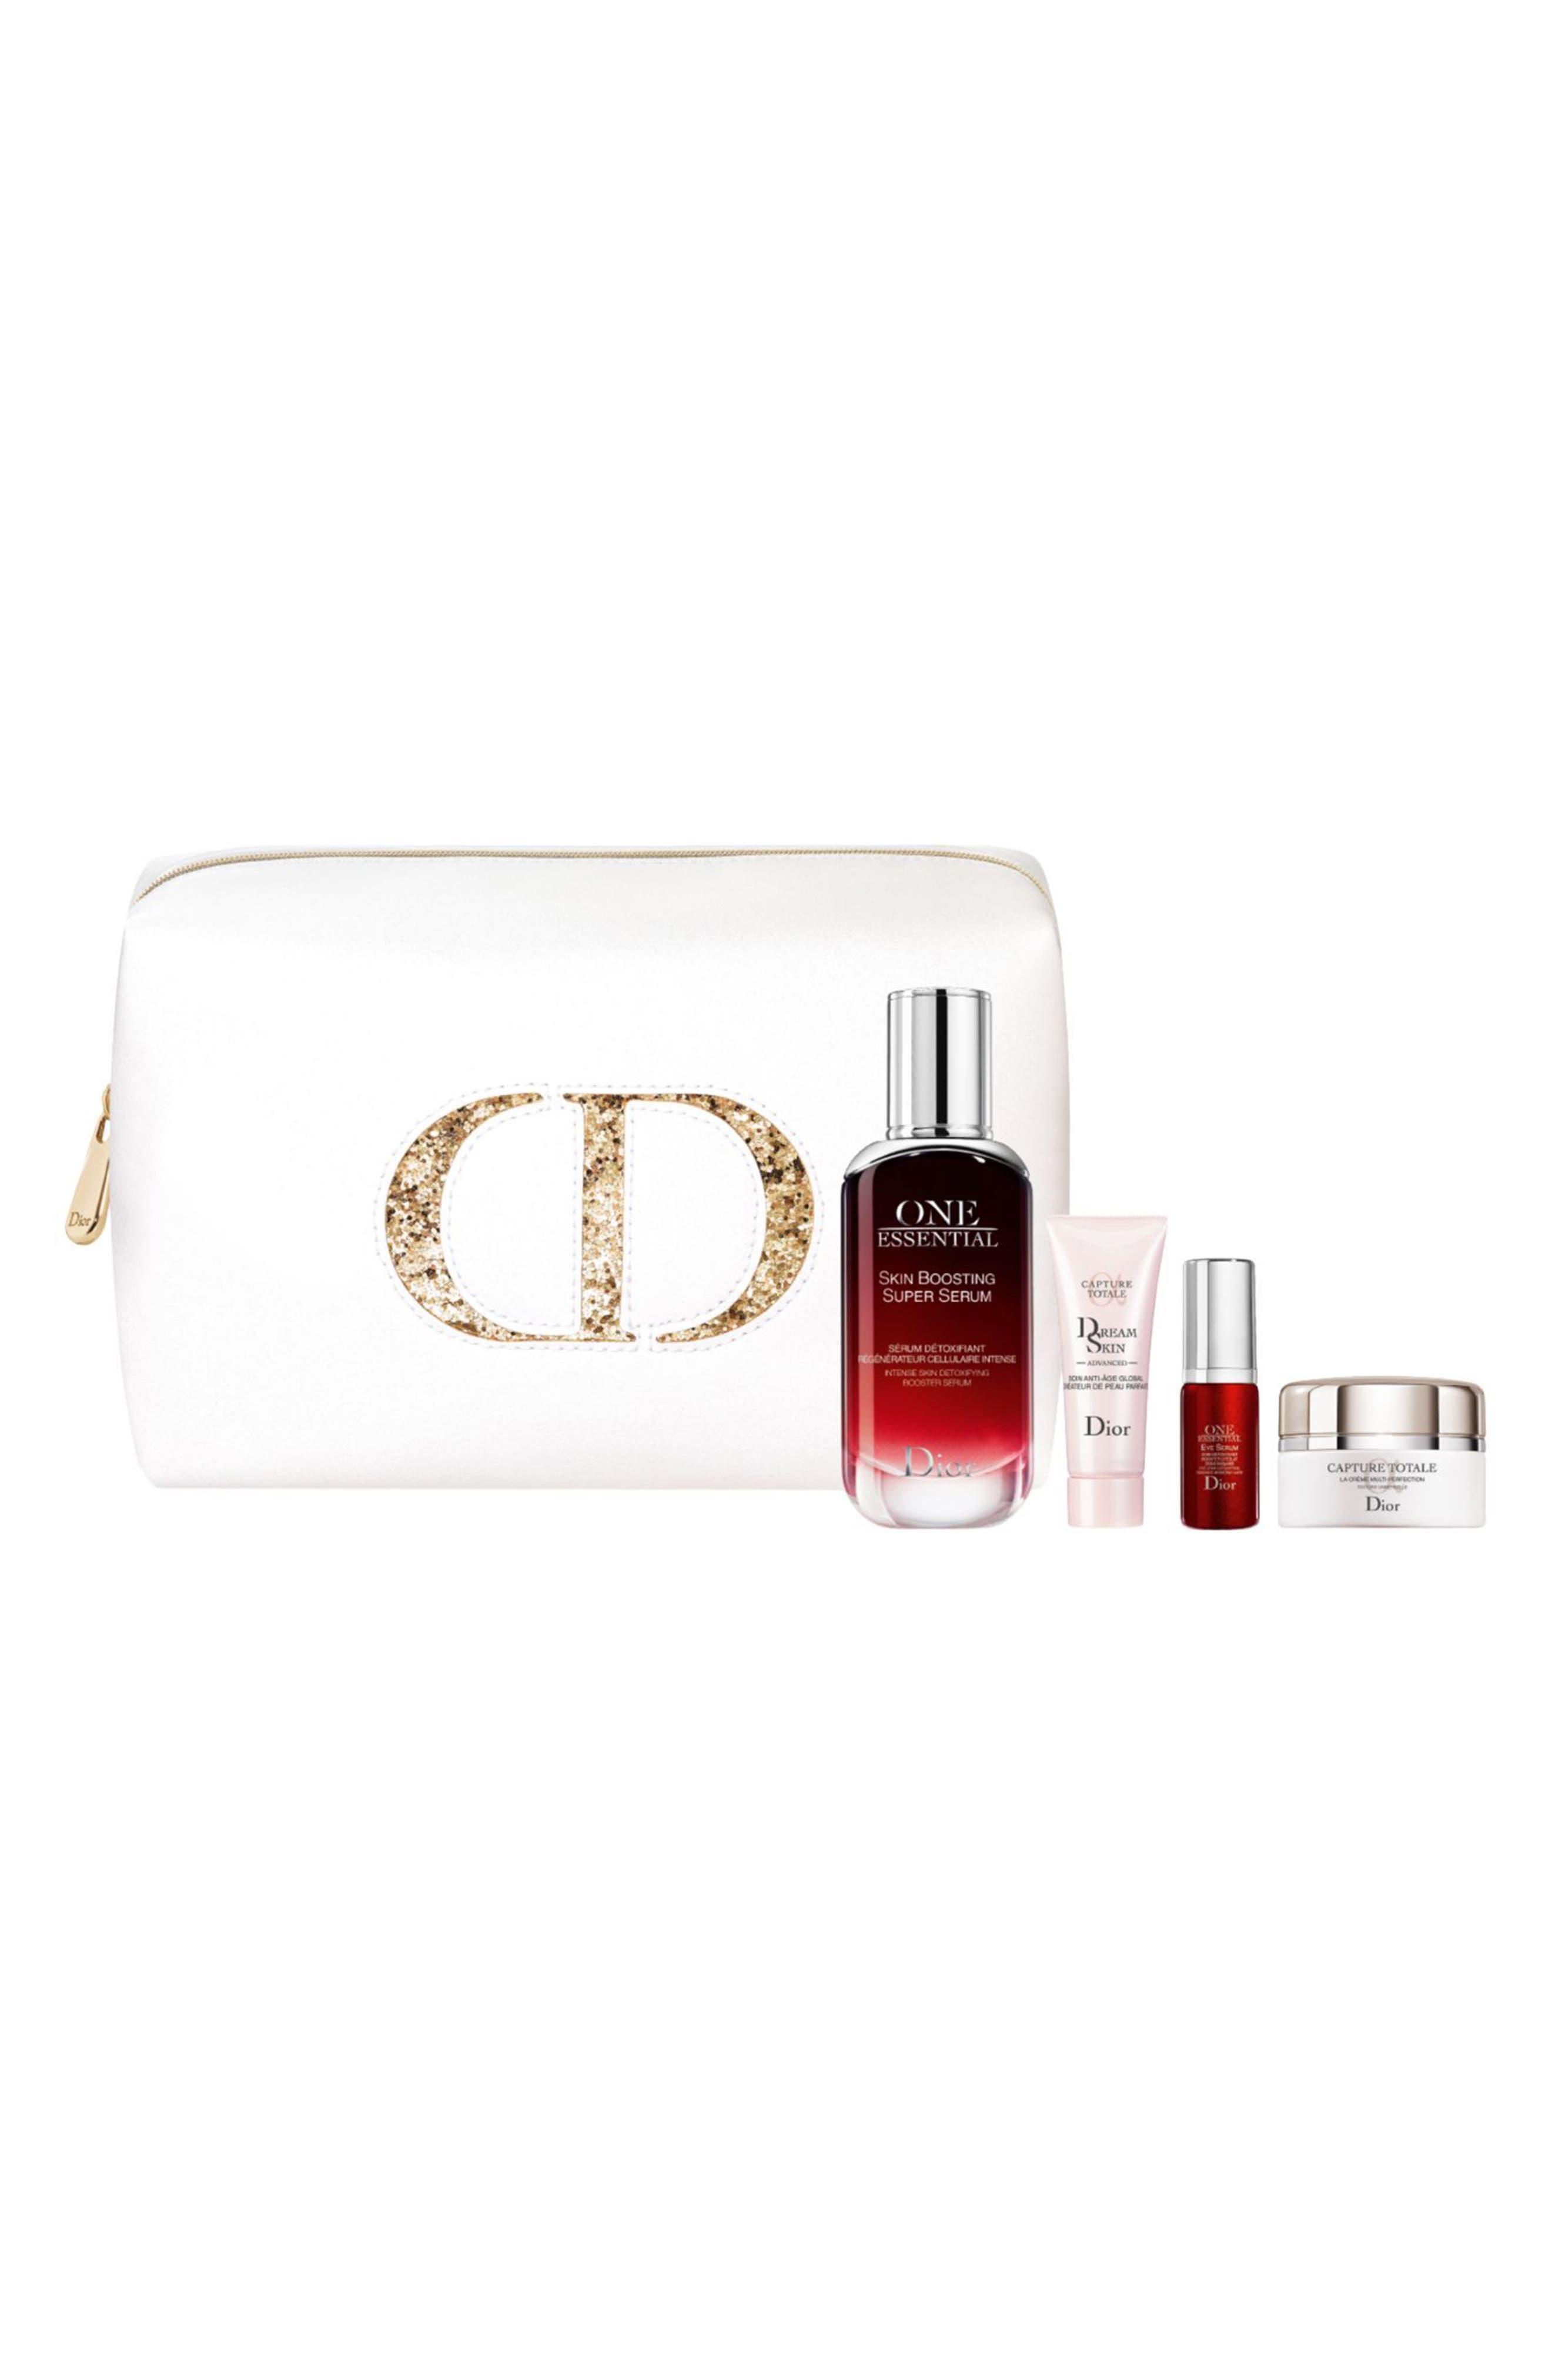 Dior One Essential Signature Set ($212 Value)